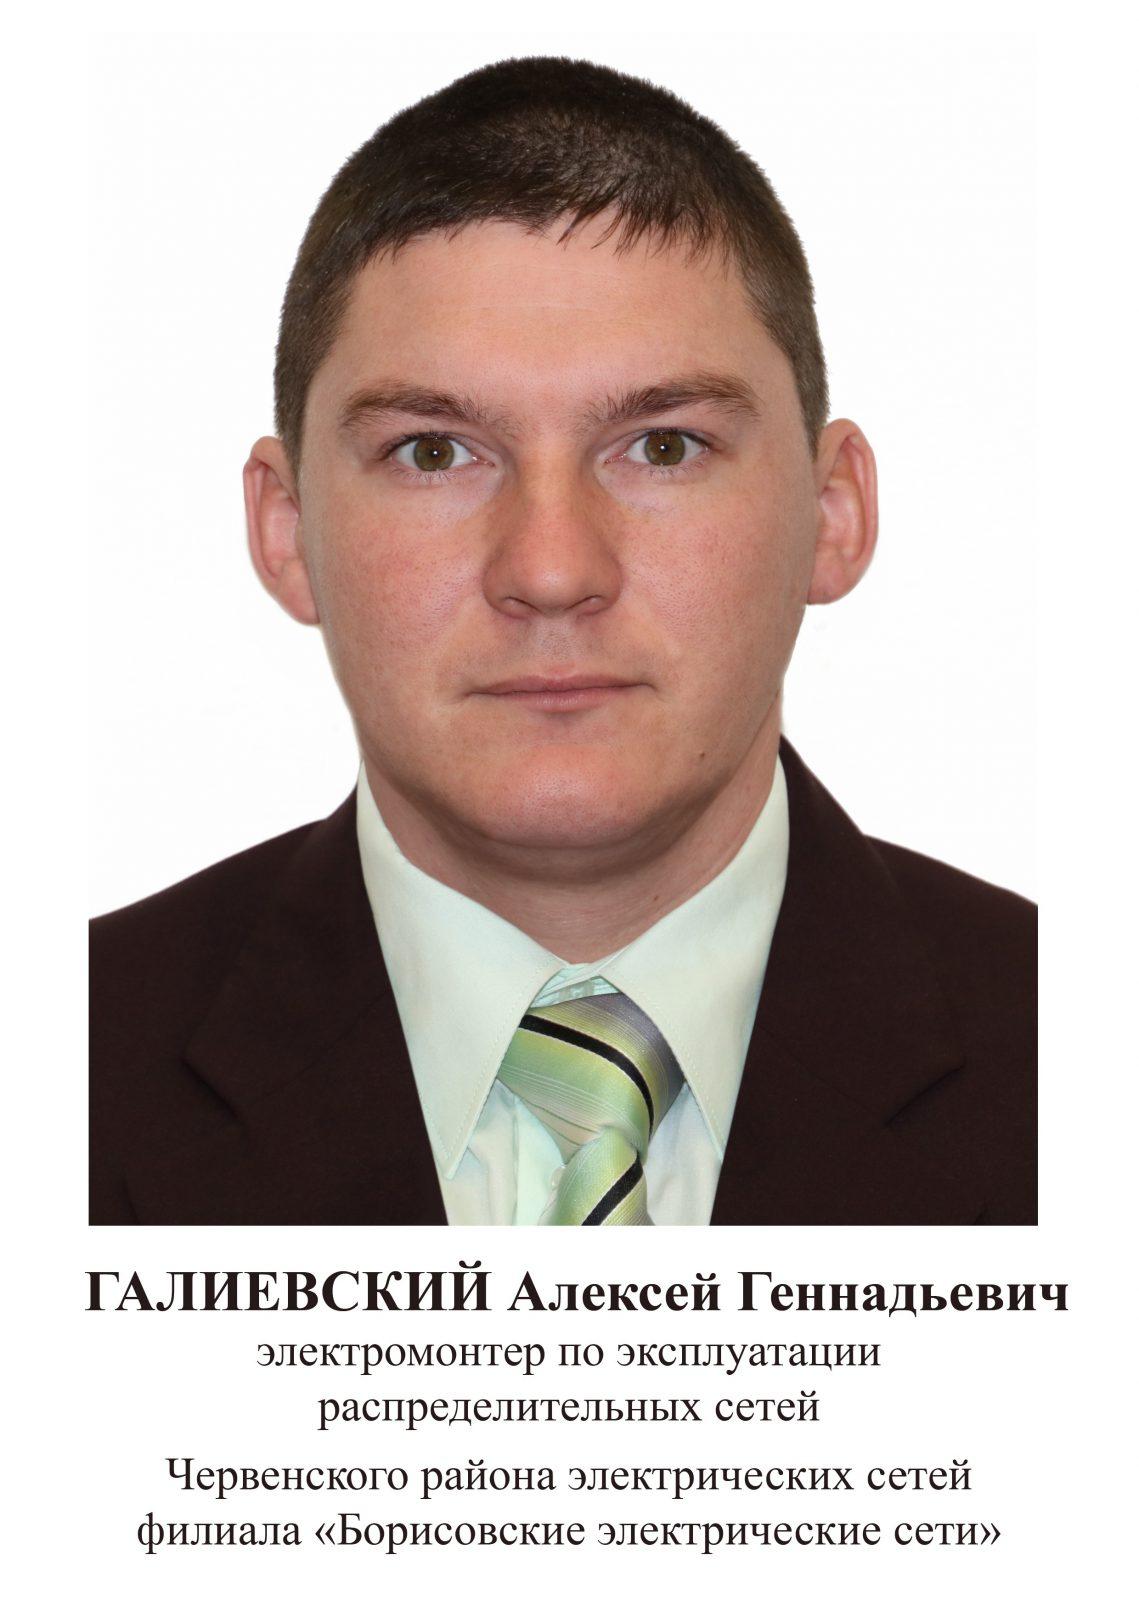 Галиевский Алексей Геннадьевич